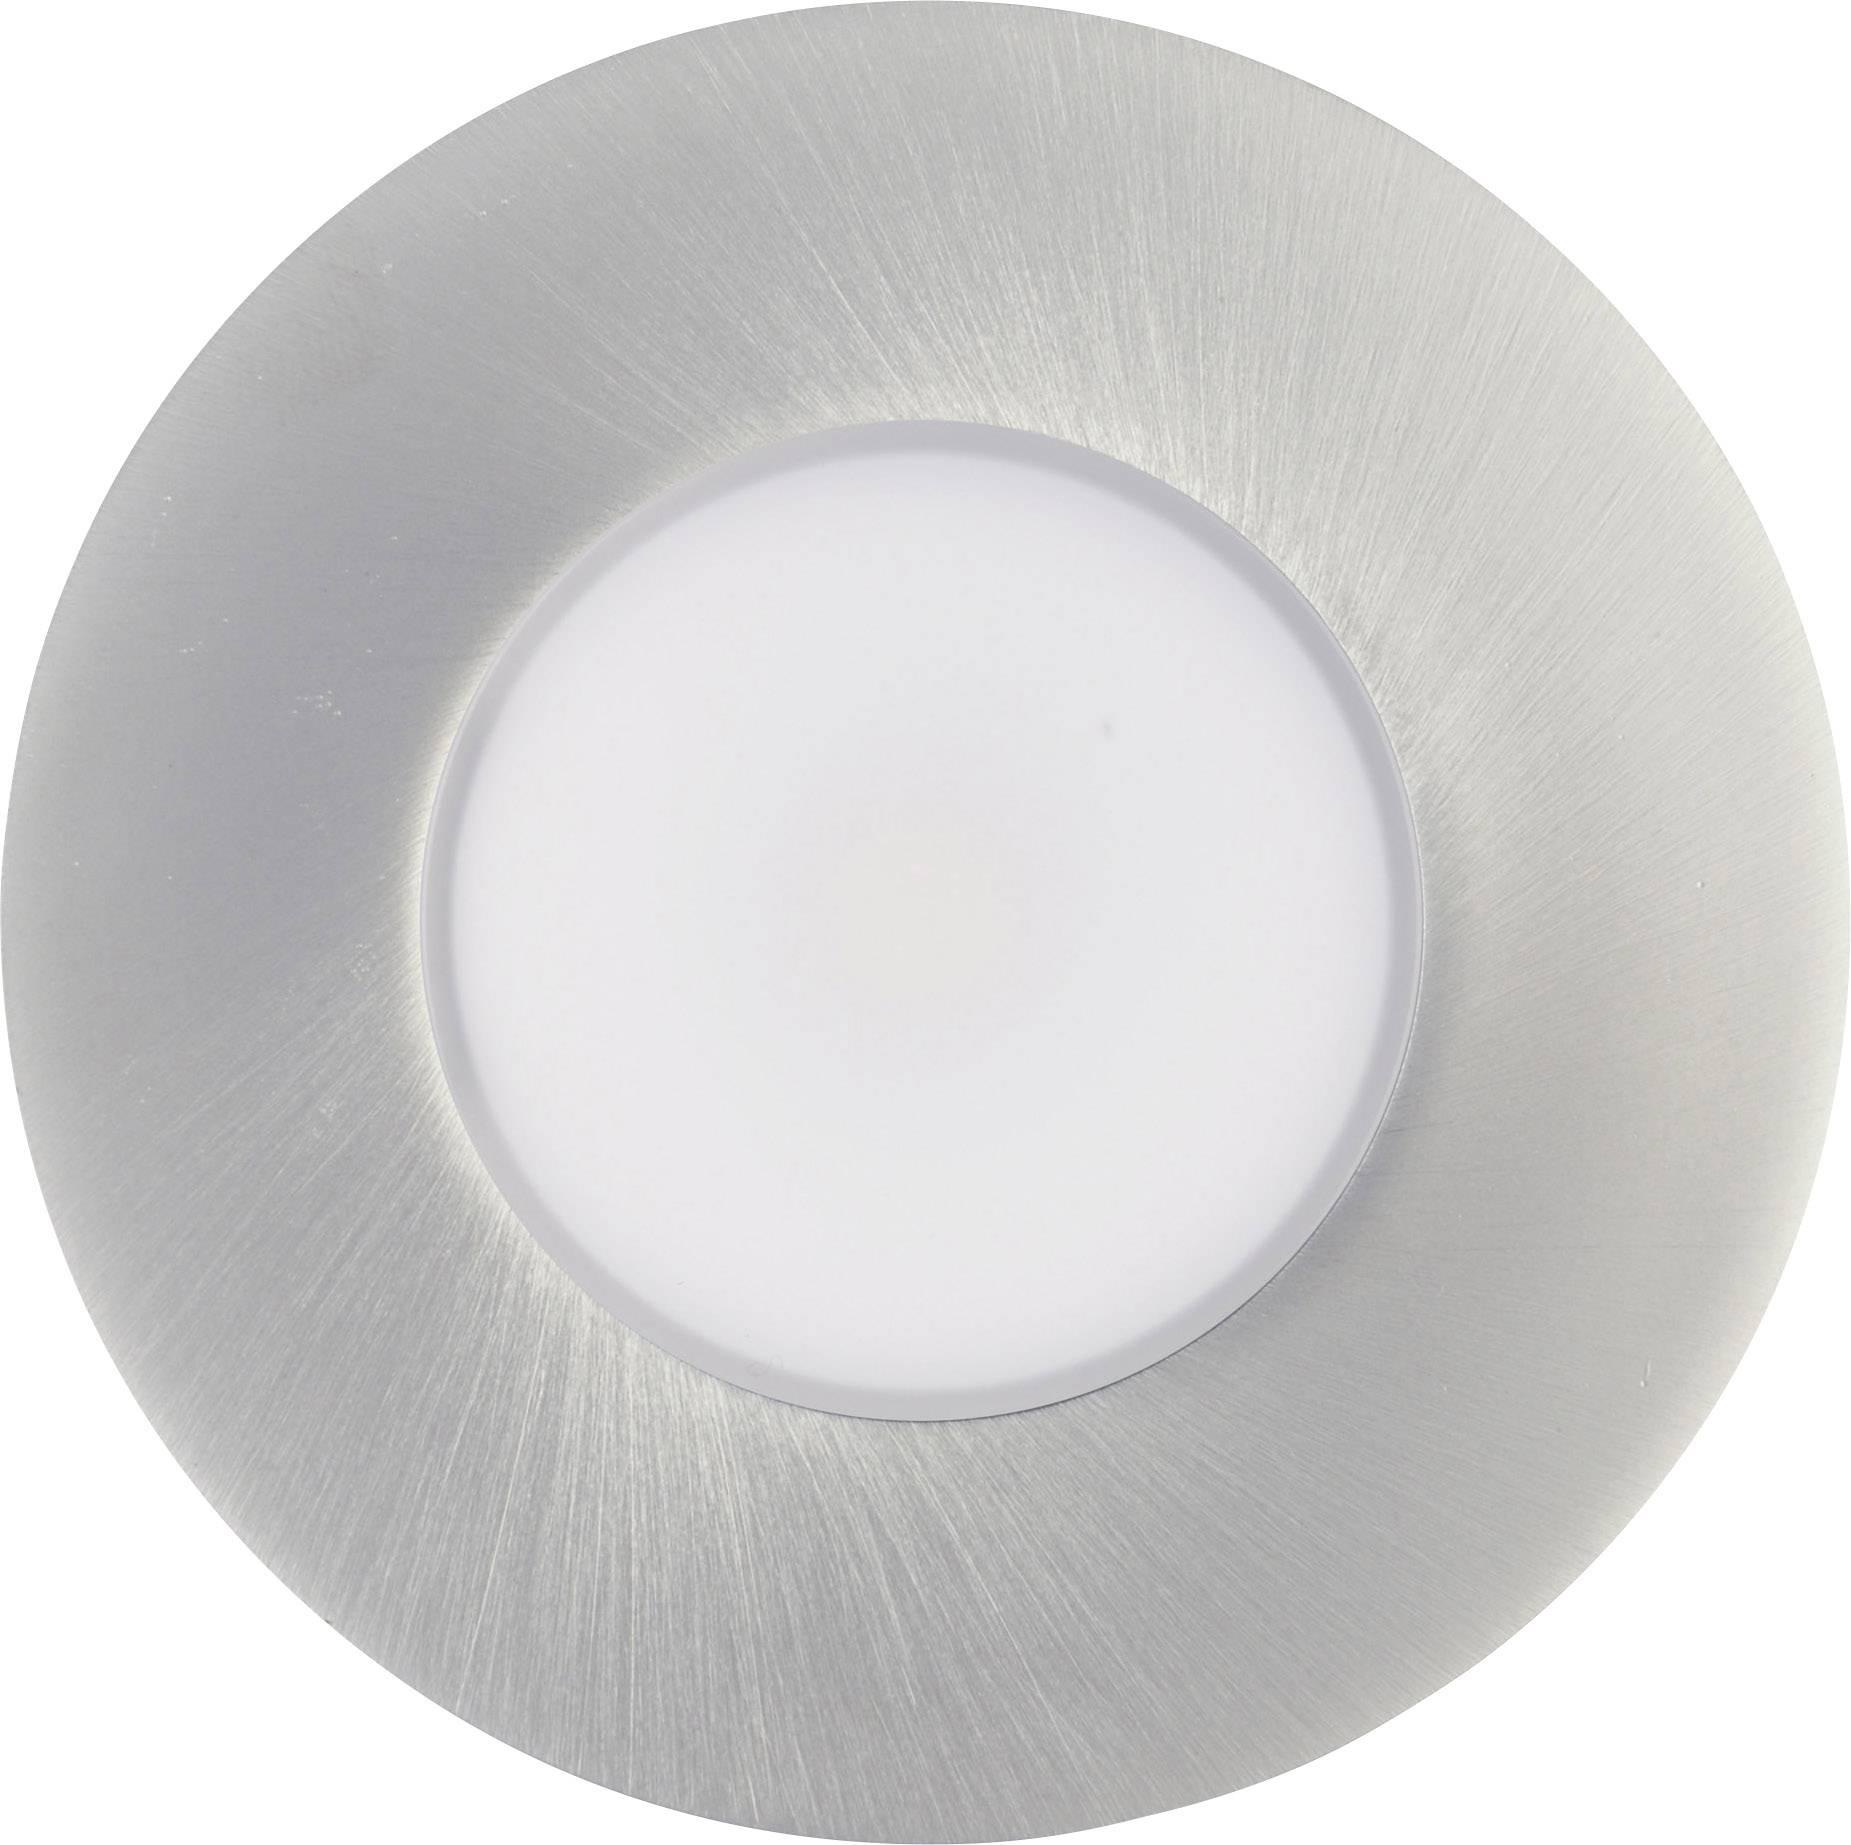 LED vestavné svítidlo TLT International Prima LT1245017 5.5 W teplá bílá hliník